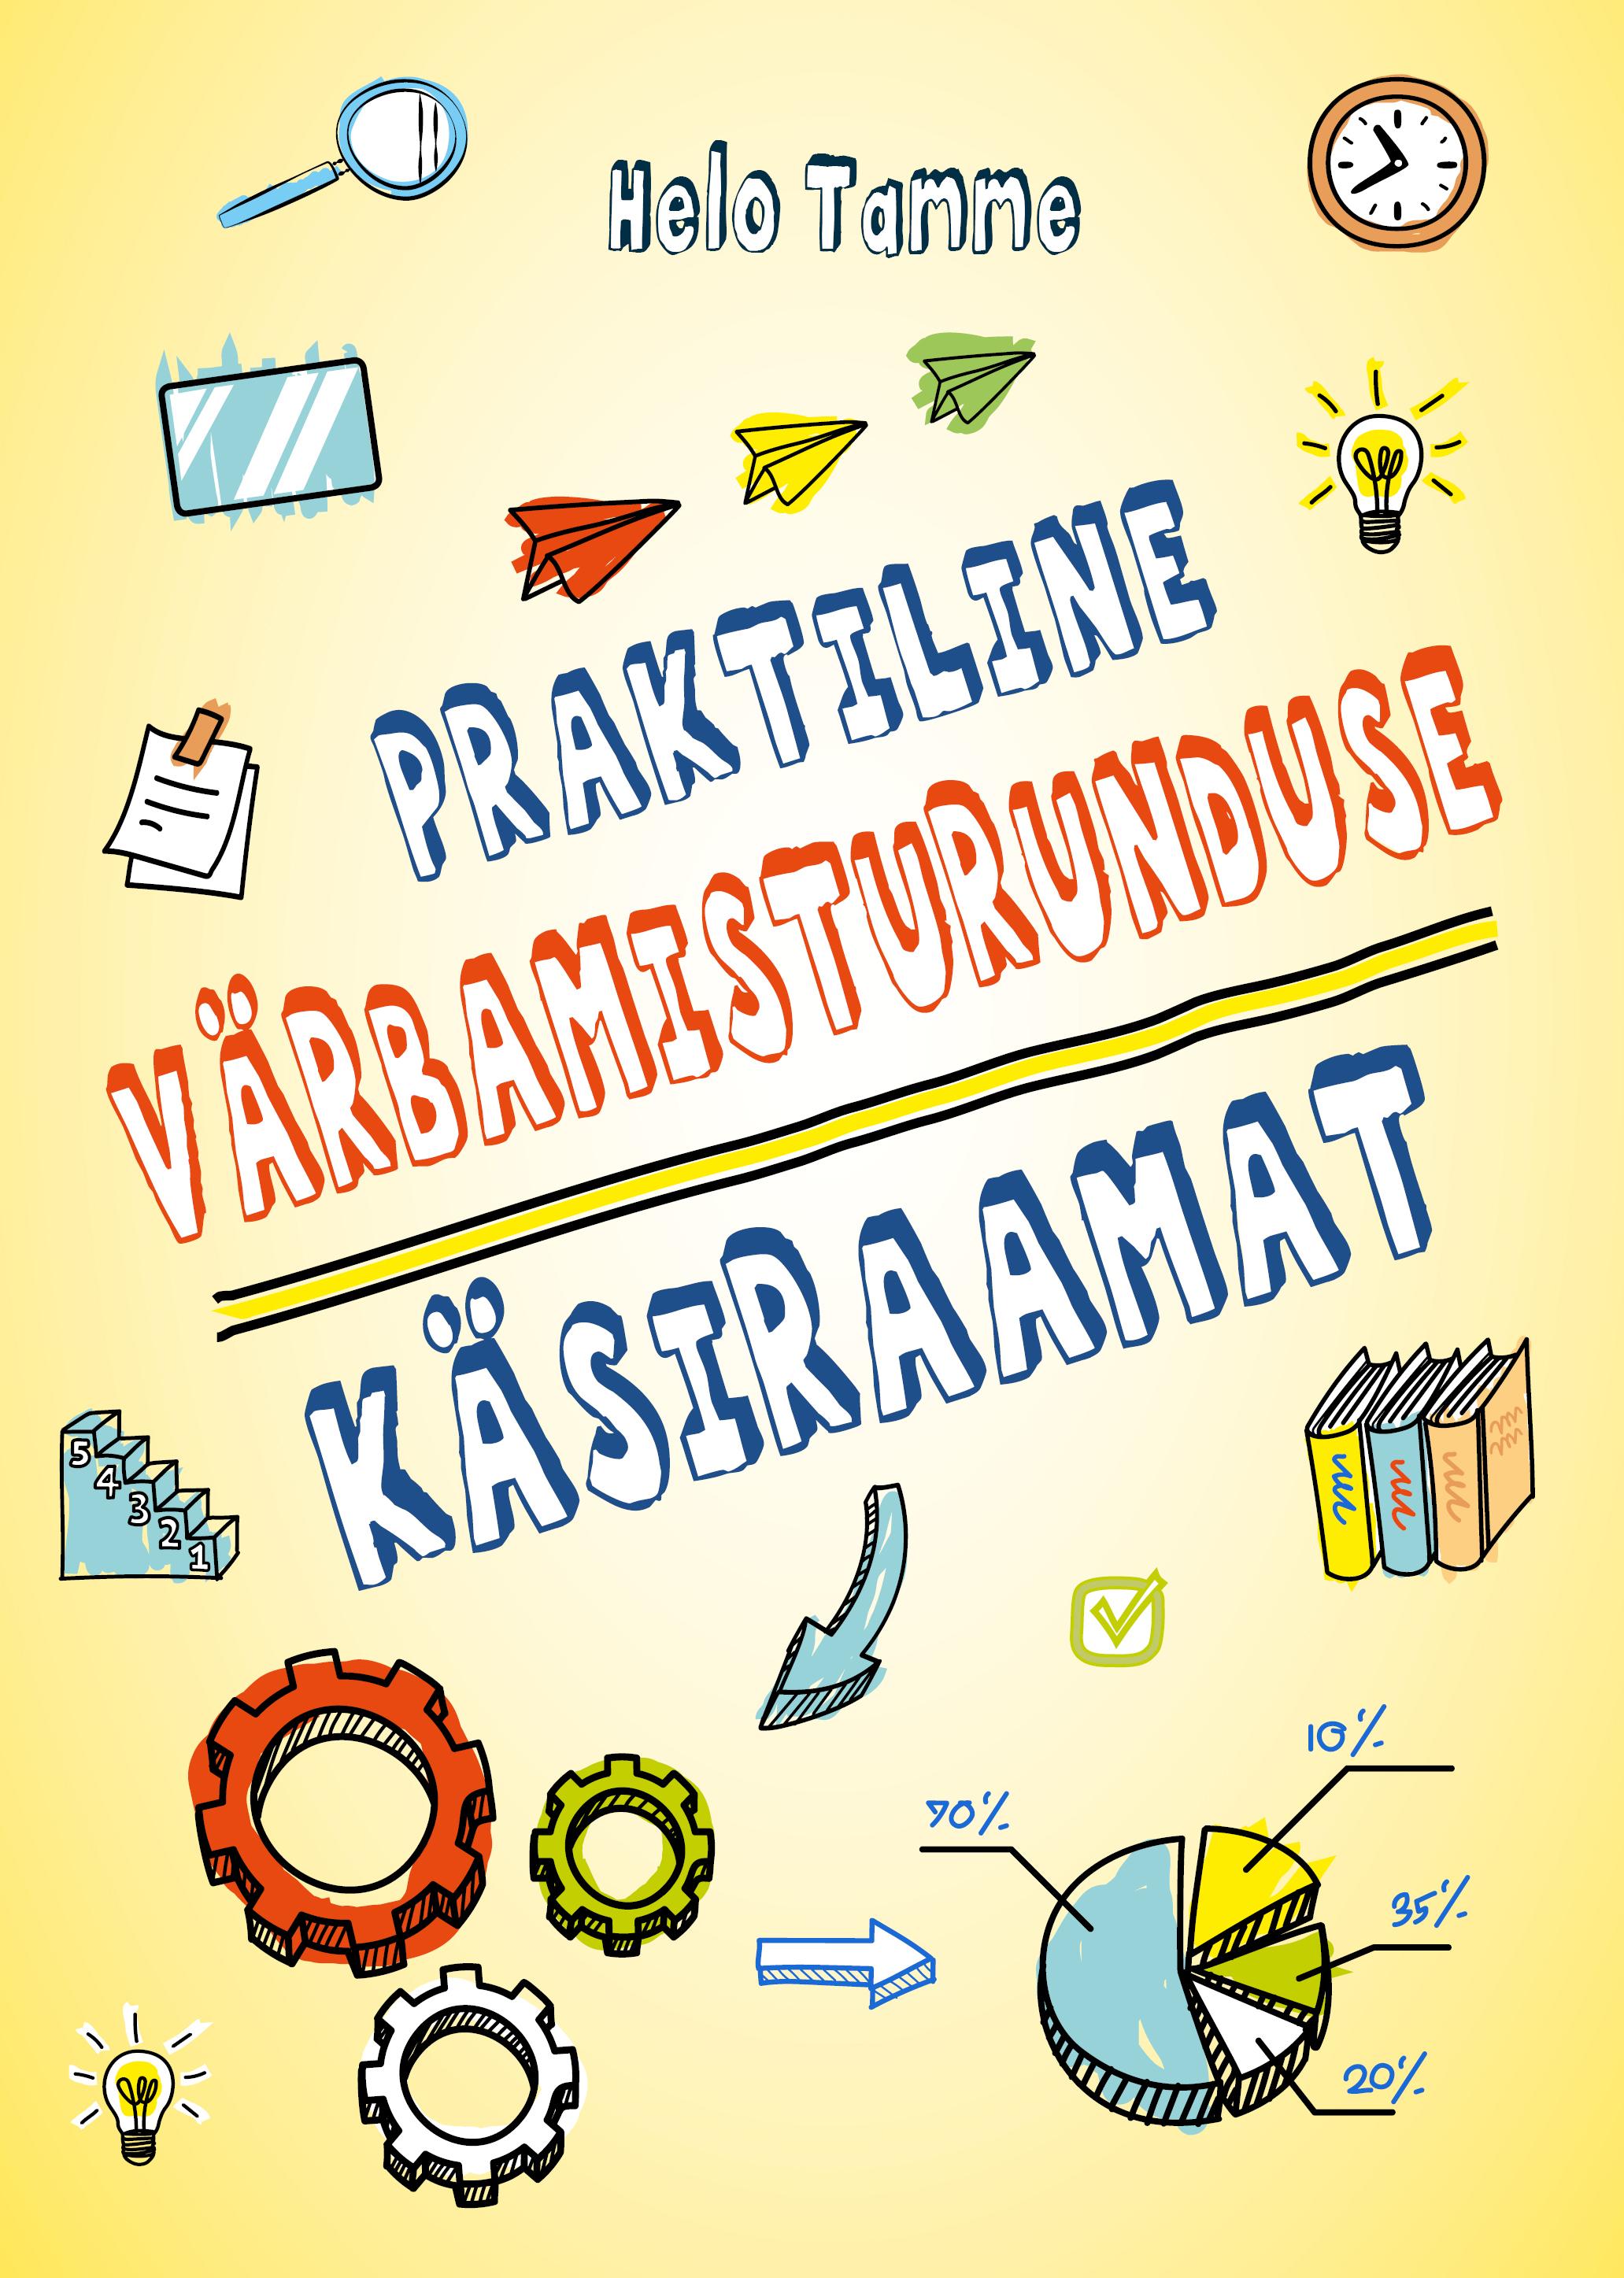 Praktilise värbamisturunduse käsiraamat